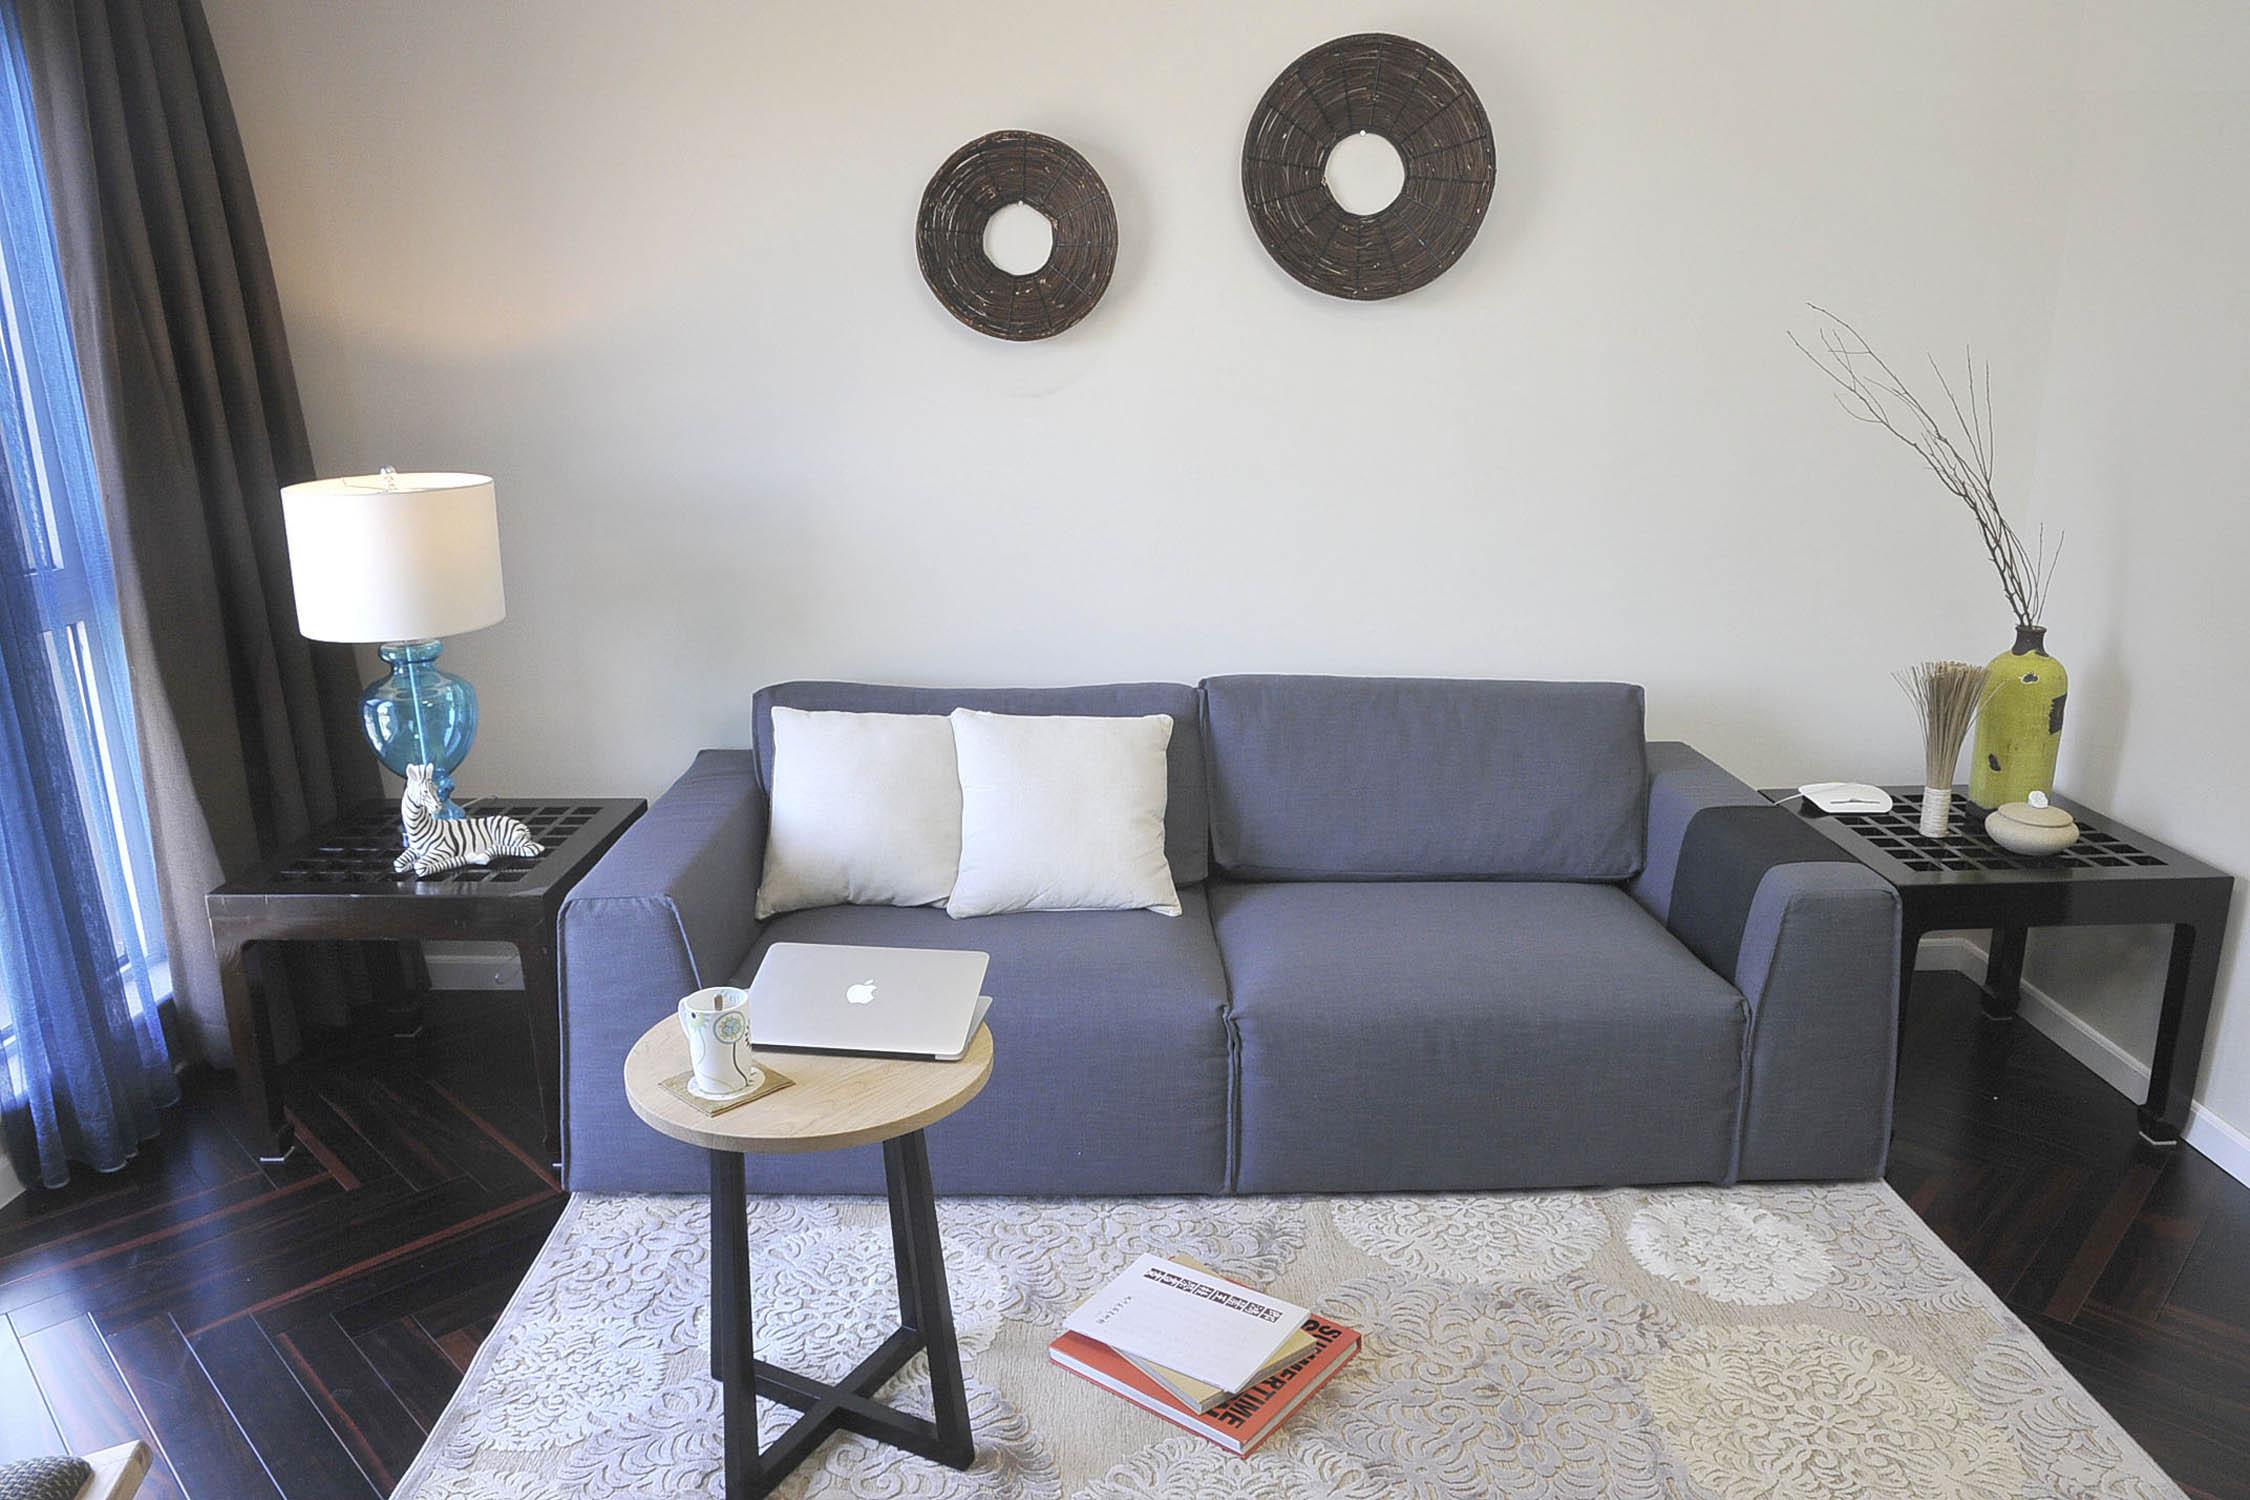 简约二居之家沙发背景墙图片